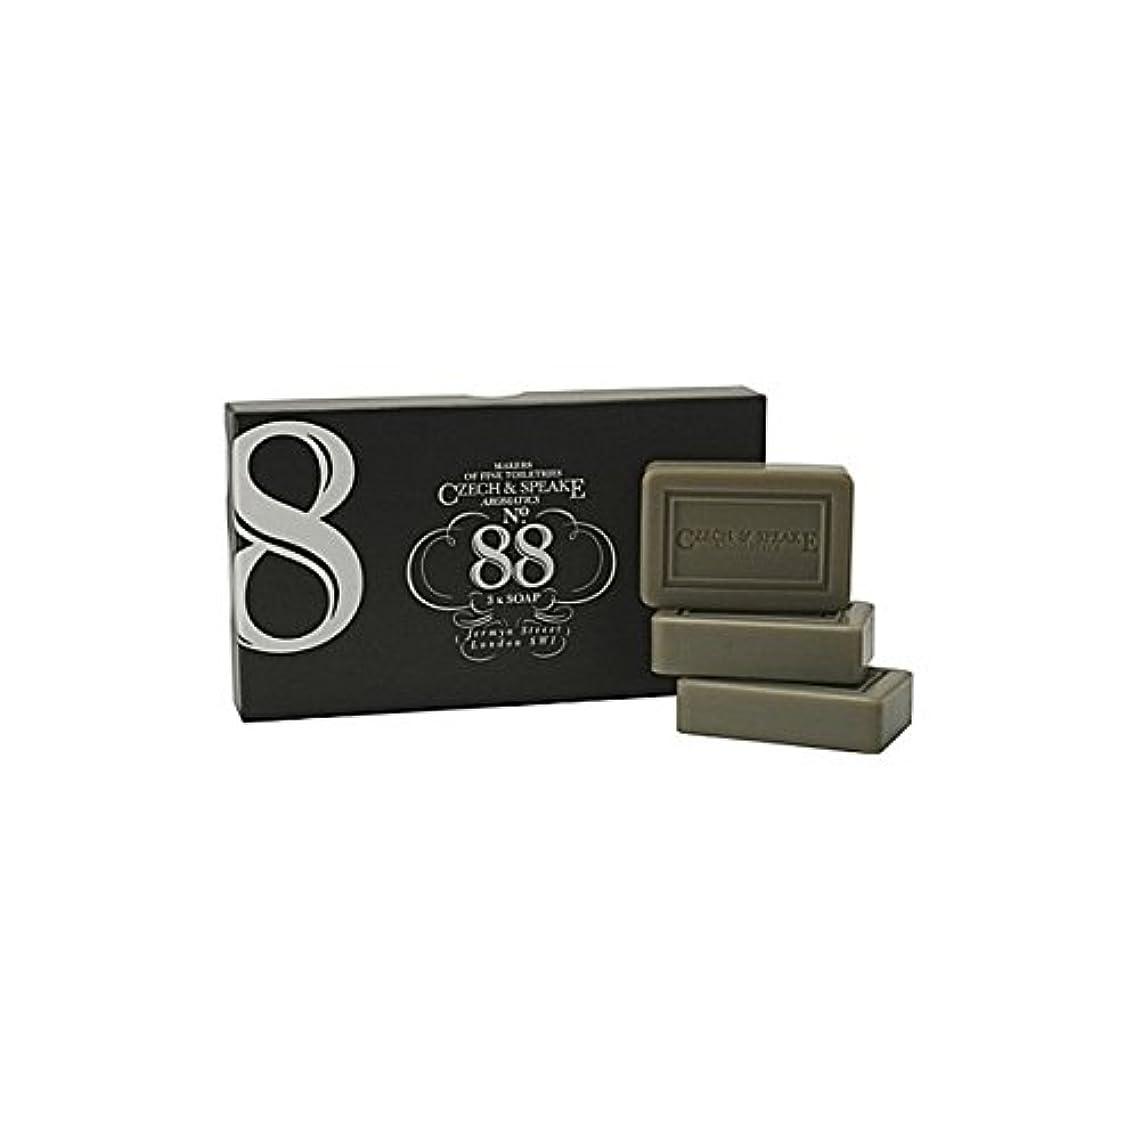 お肉良心的さびたチェコ&スピーク.88ソープセット x4 - Czech & Speake No.88 Soap Set (Pack of 4) [並行輸入品]